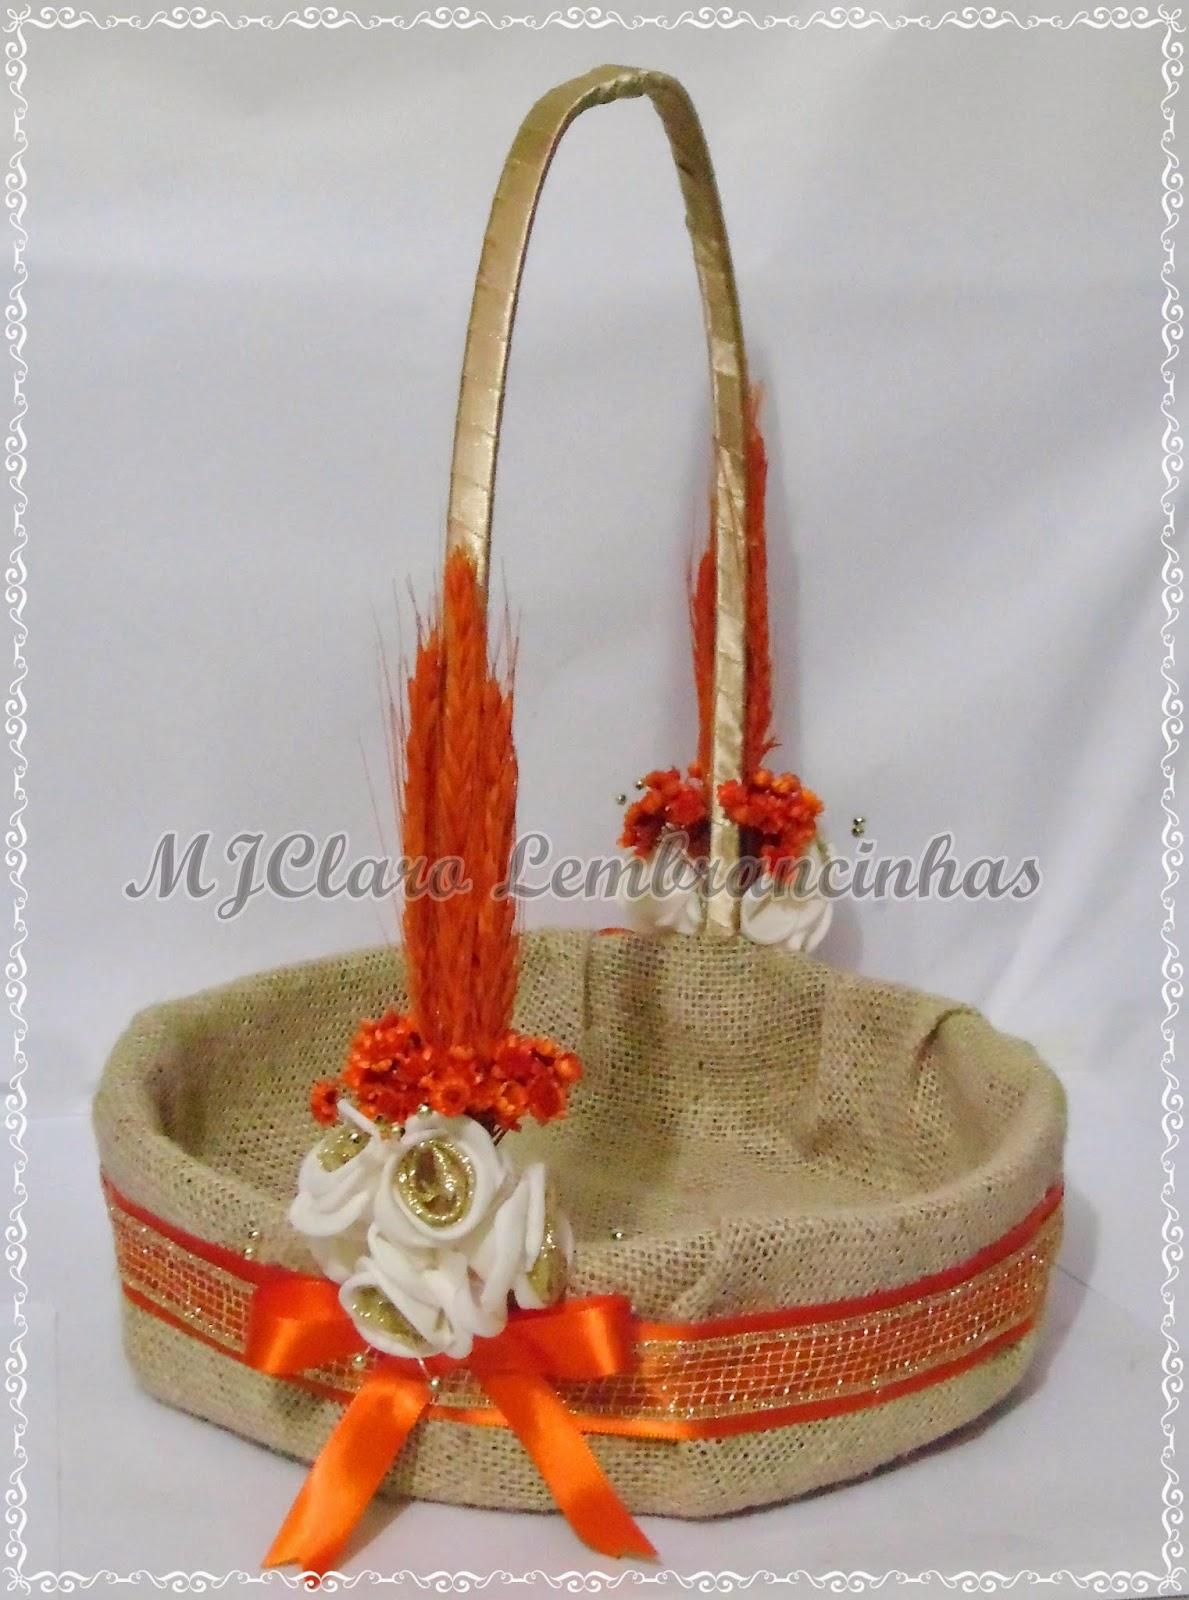 MJClaro Lembrancinhas Cesta para Casamento florista em Juta com